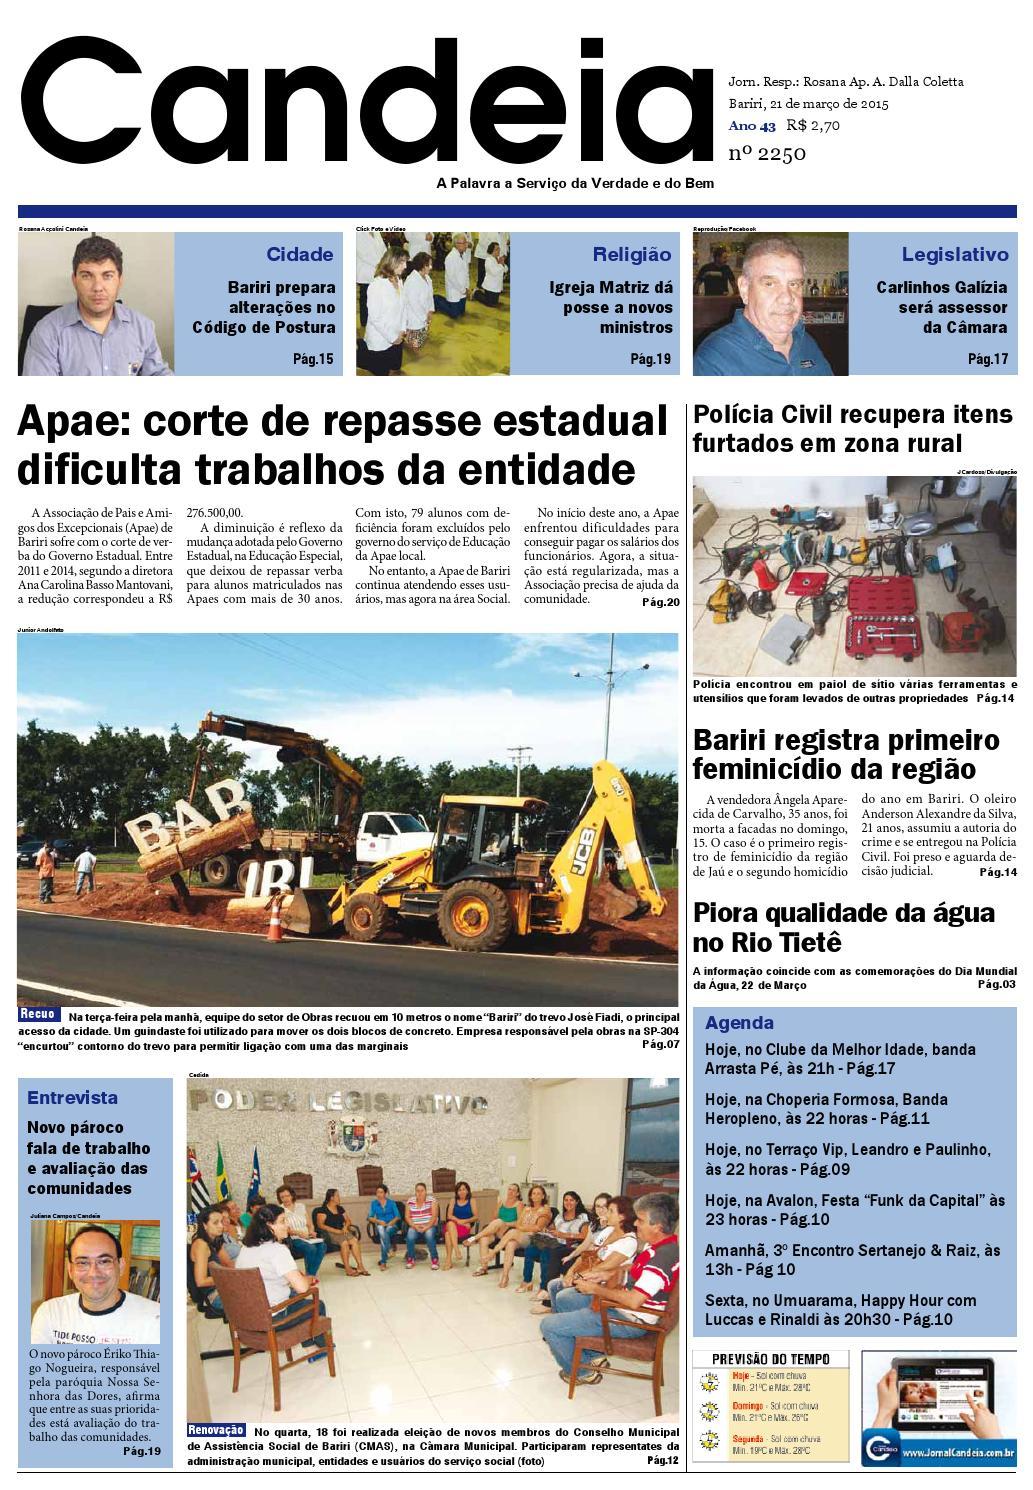 473bca64044a4 Jornal candeia 21 03 2015 by Jornal Candeia - issuu